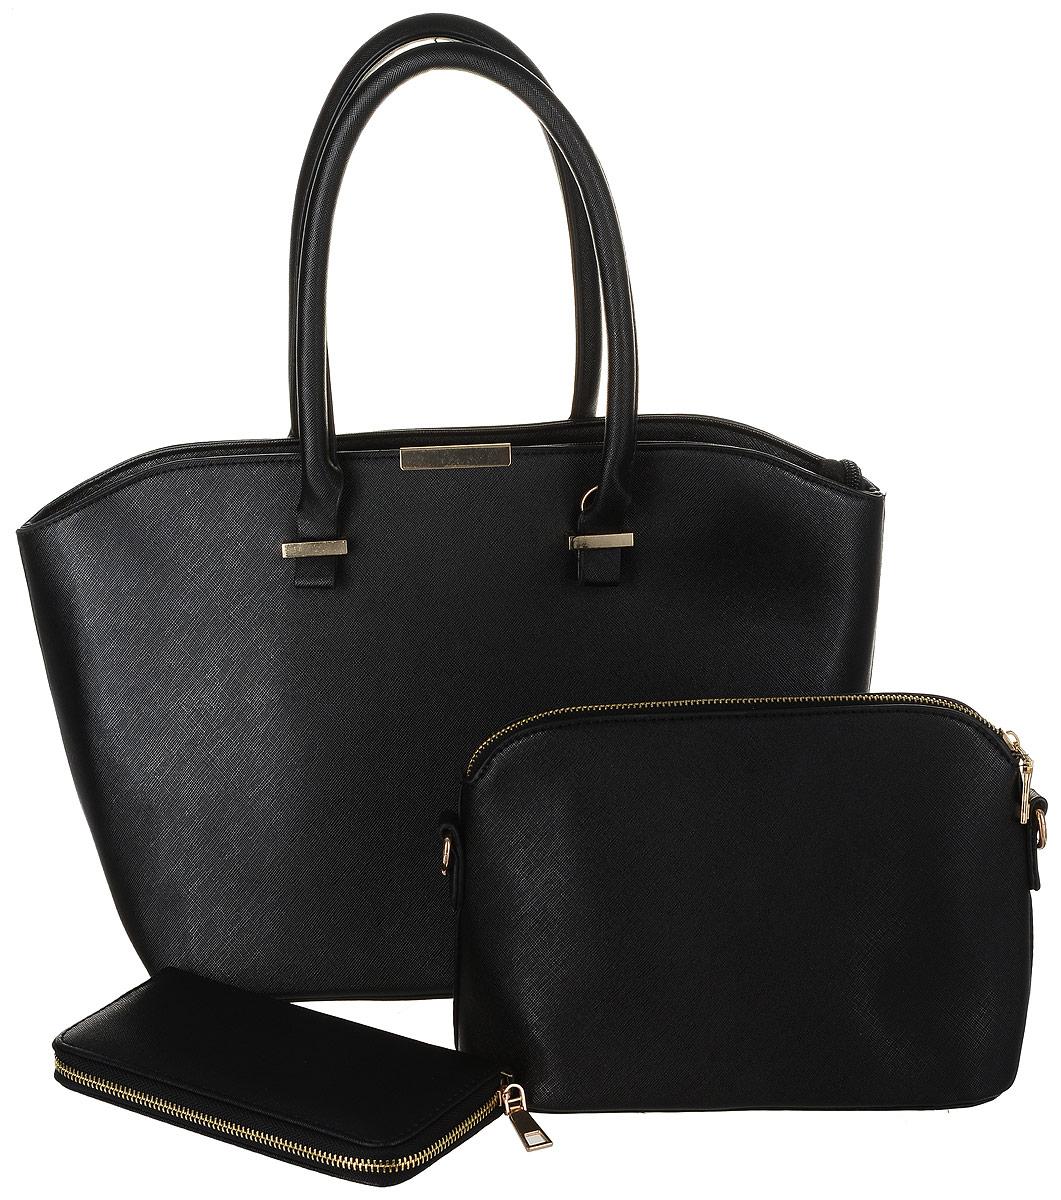 Комплект женский DDA, 3 предмета, цвет: черный. WB-1005ML597BUL/DКомплект DDA состоит из большой сумки, маленькой сумочки-клатча и кошелька. Изделия изготовлены из качественной экокожи. Большая сумка закрывается на застежку-молнию. Сумка содержит одно отделение, в котором расположены два открытых накладных кармана и один врезной на молнии. С внешней задней стороны сумки - врезной карман на застежке-молнии. Модель дополнена двумя прочными ручками на металлической фурнитуре. Маленькая сумка-клатч закрывается на застежку-молнию. Сумка содержит одно отделение, в котором расположены два открытых накладных кармана и один врезной карман на молнии. В комплекте два съемных ремня с застежками-карабинами. Короткий ремень выполнен из экокожи и прочных металлических цепей. Длинный ремень из экокожи регулируется по длине. Удобный женский кошелек застегивается на металлическую молнию. Кошелек разделен карманом-средником на молнии и содержит восемь отделений для карточек или визиток.